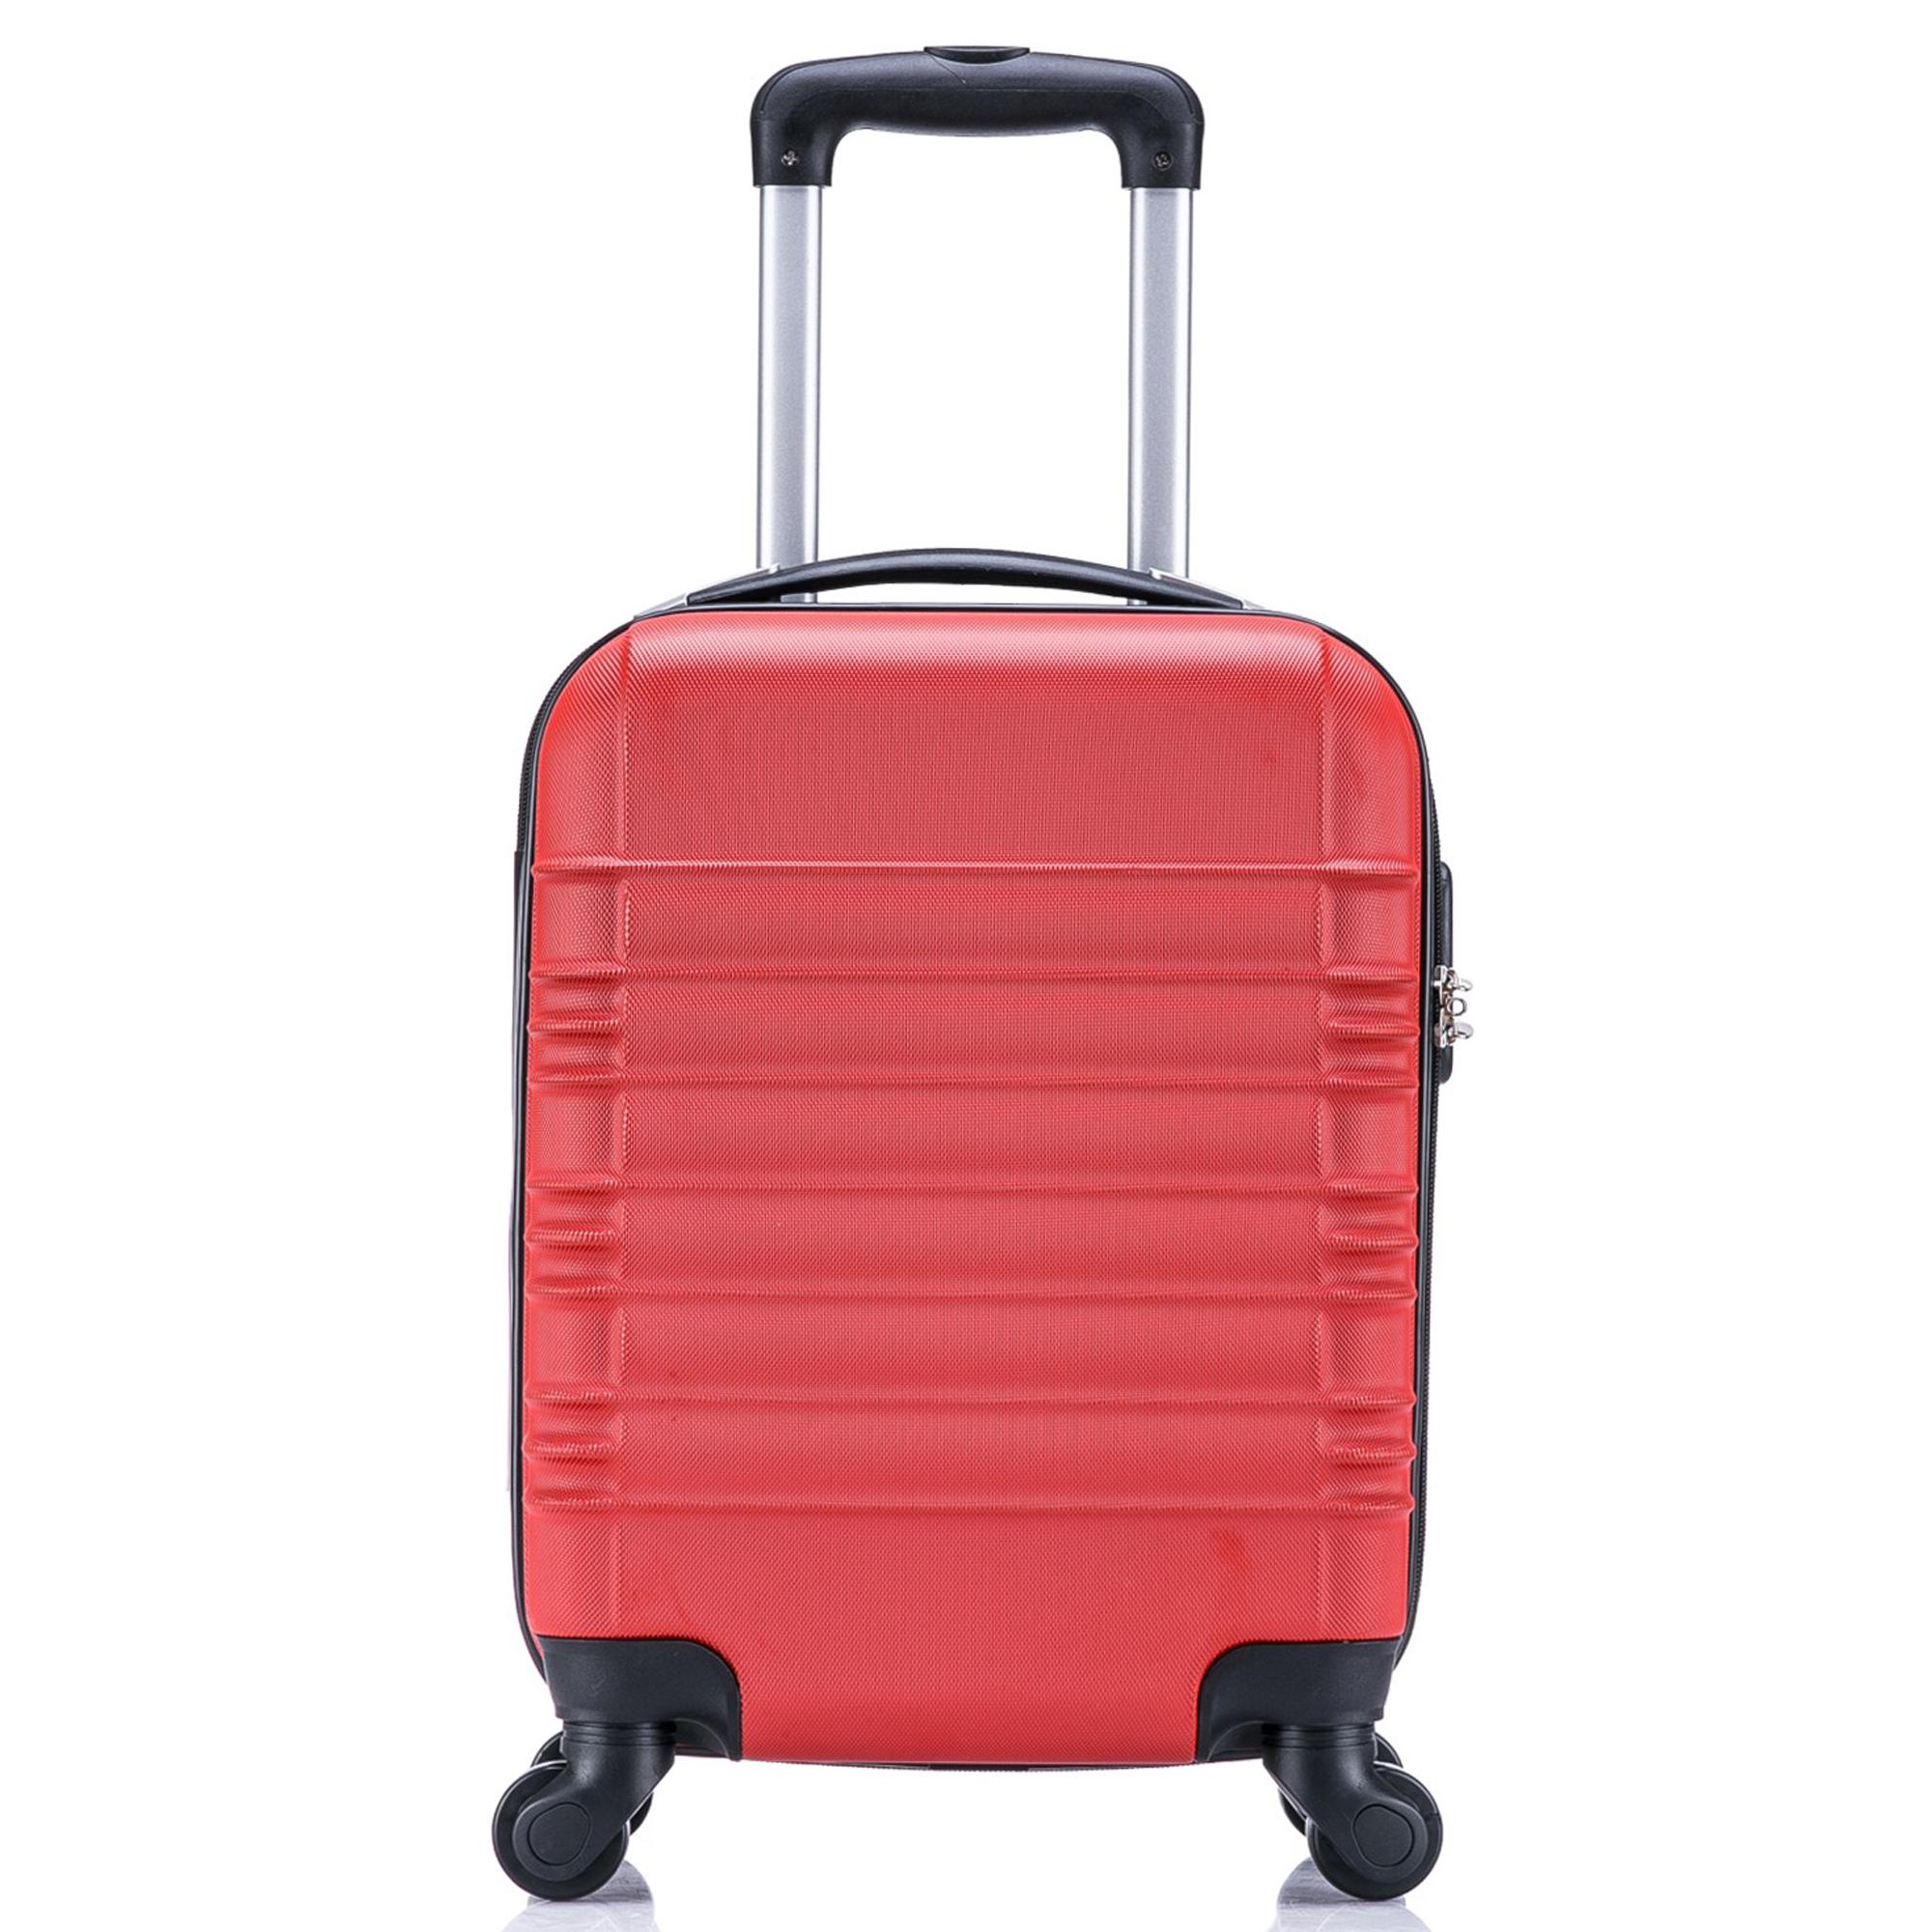 5 teiliges Koffer Set Hartschalenkoffer in 5 Farben - 16